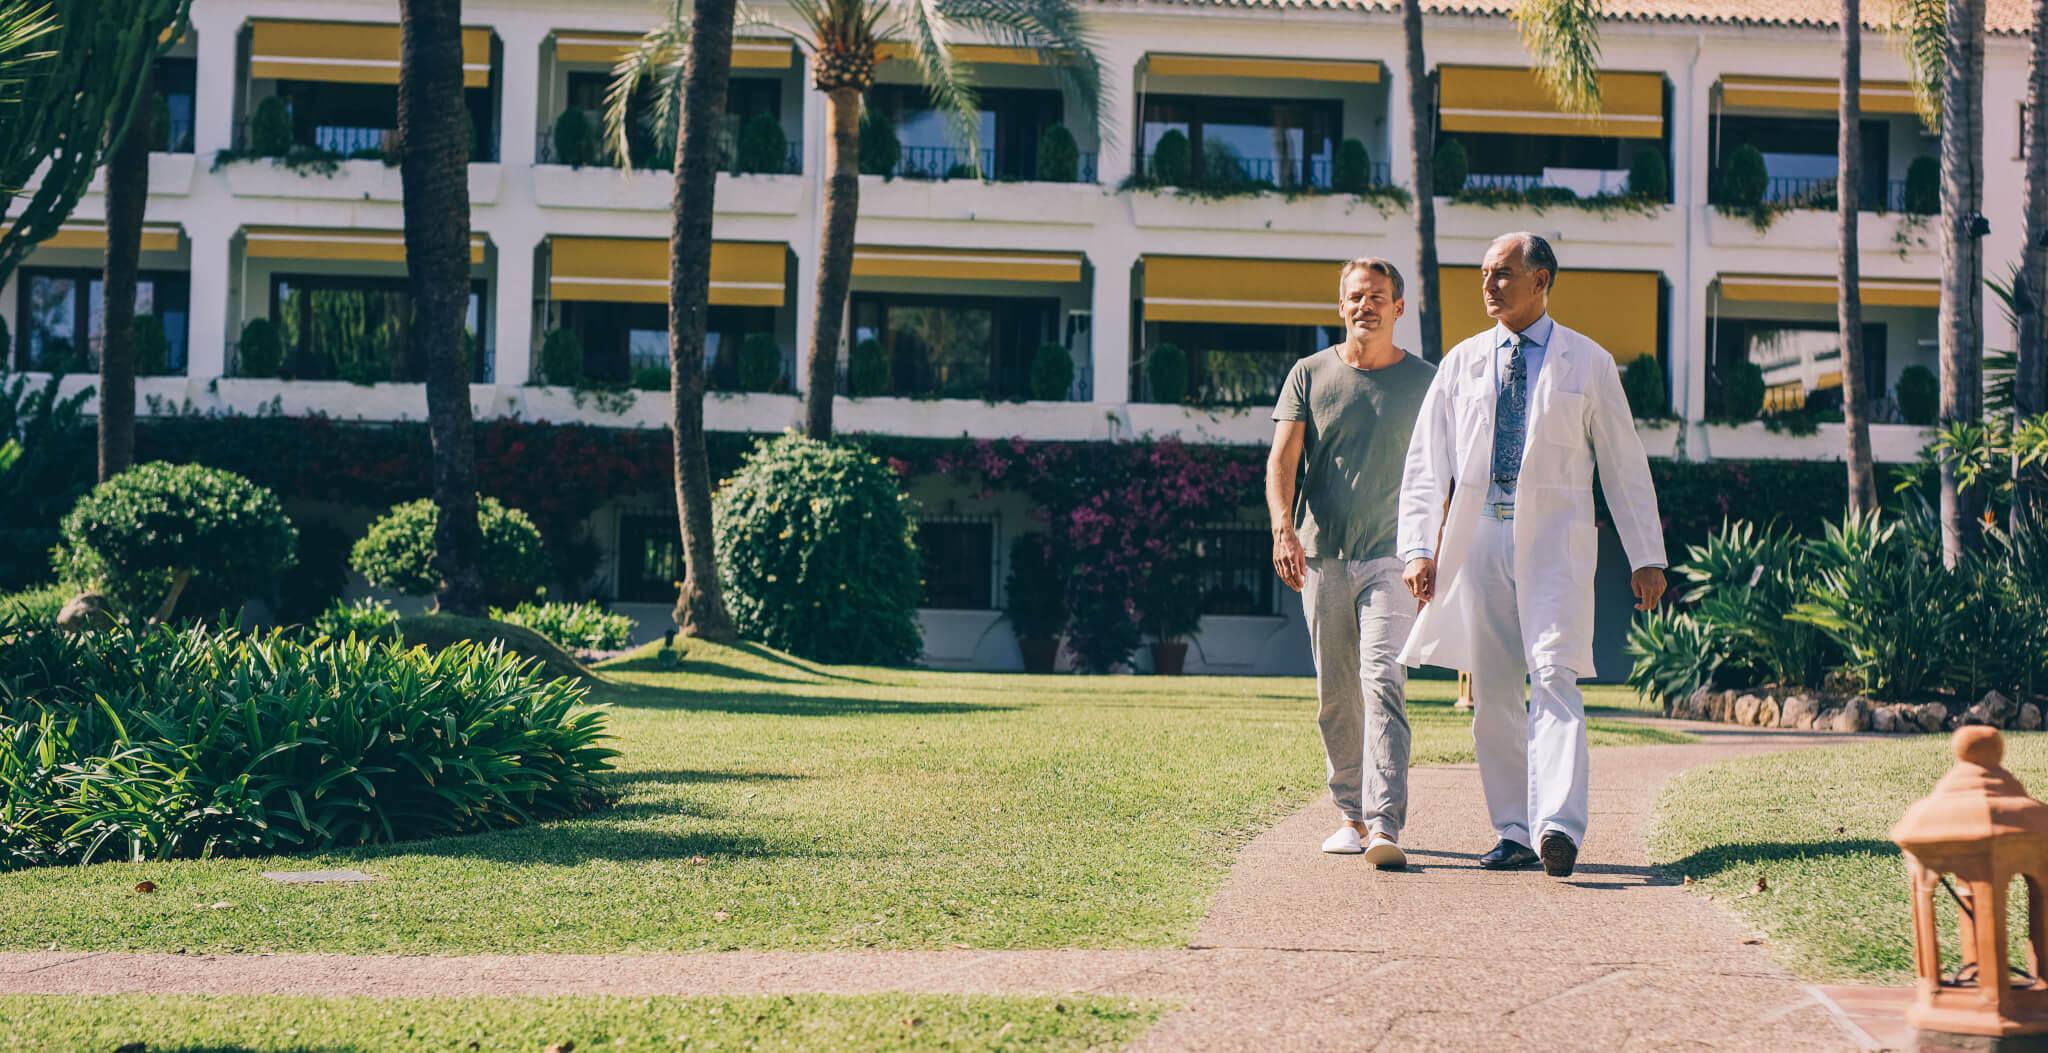 Buchinger Wilhelmi, Fasten, Heilfasten, Fasting, Health, Integrative Medicine, Garden, Garten, Doctor, Arzt, Marbella, Andalusia, Palms, Palmen